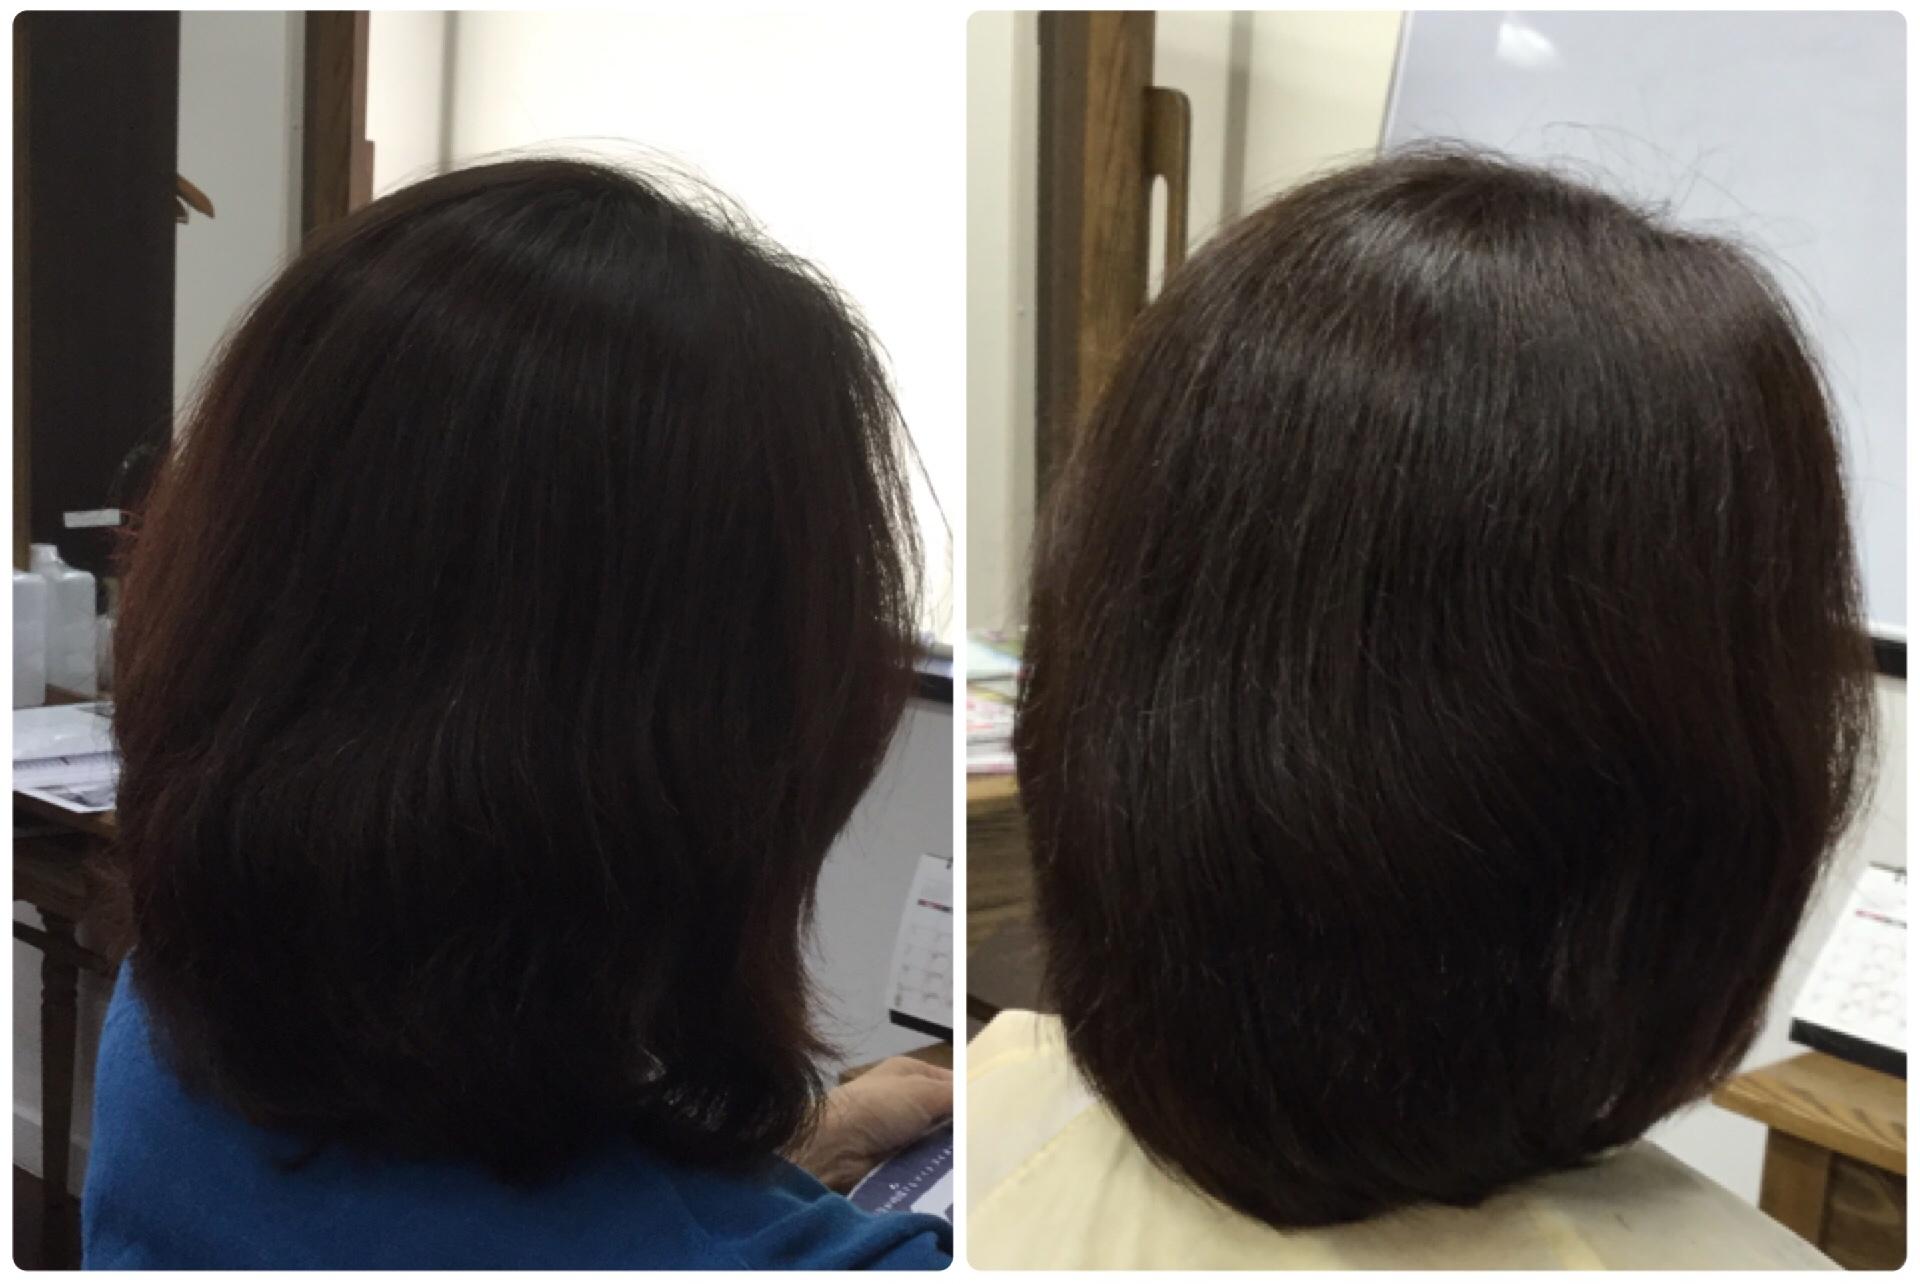 30代40代髪質が変わってくせ毛ボリュームが気になるなら神戸くせ毛専門美容室アバディへ